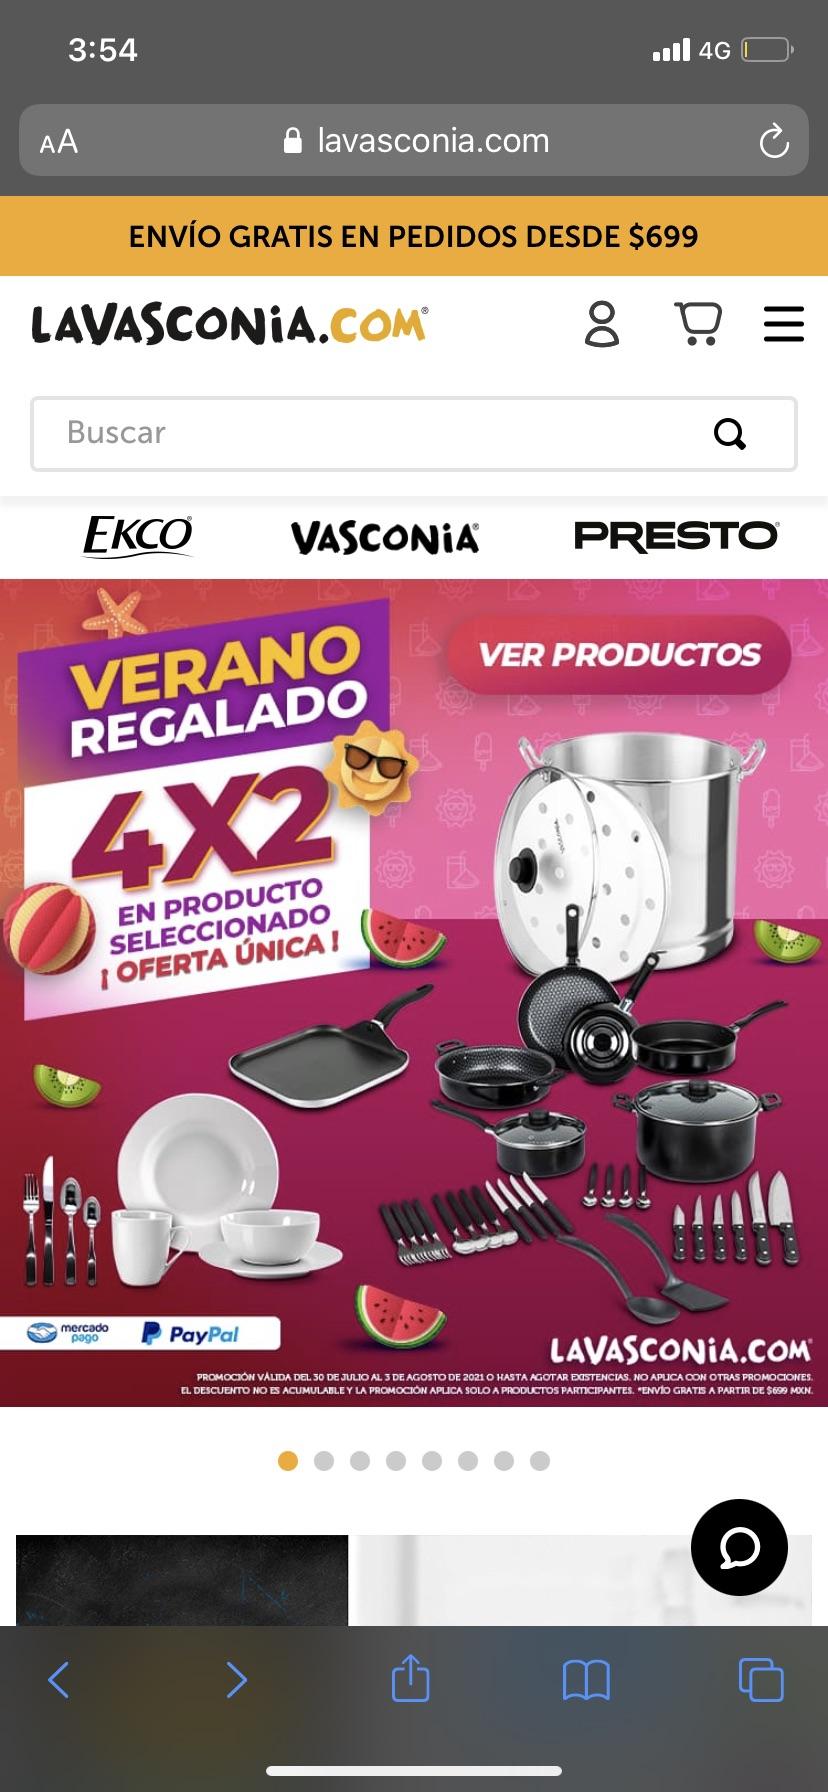 La Vasconia, VERANO REGALADO 4x2 En Seleccionados